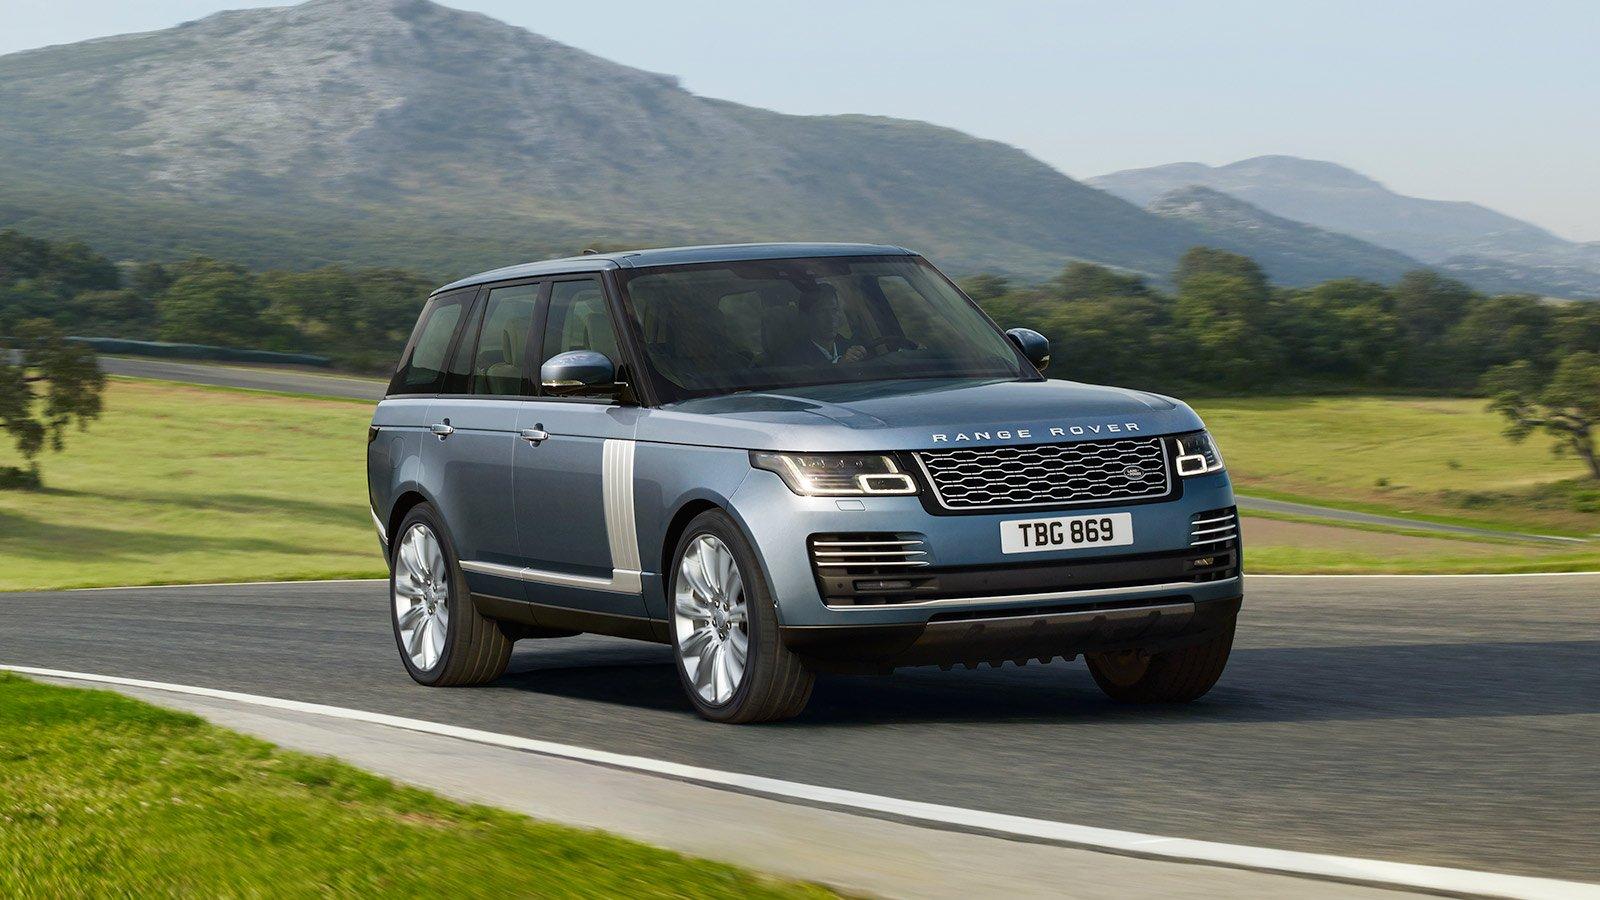 Bảng giá xe ô tô Land Rover mới nhất tháng 3/2020: Dao động từ 2,5-11,5 tỷ đồng - Ảnh 1